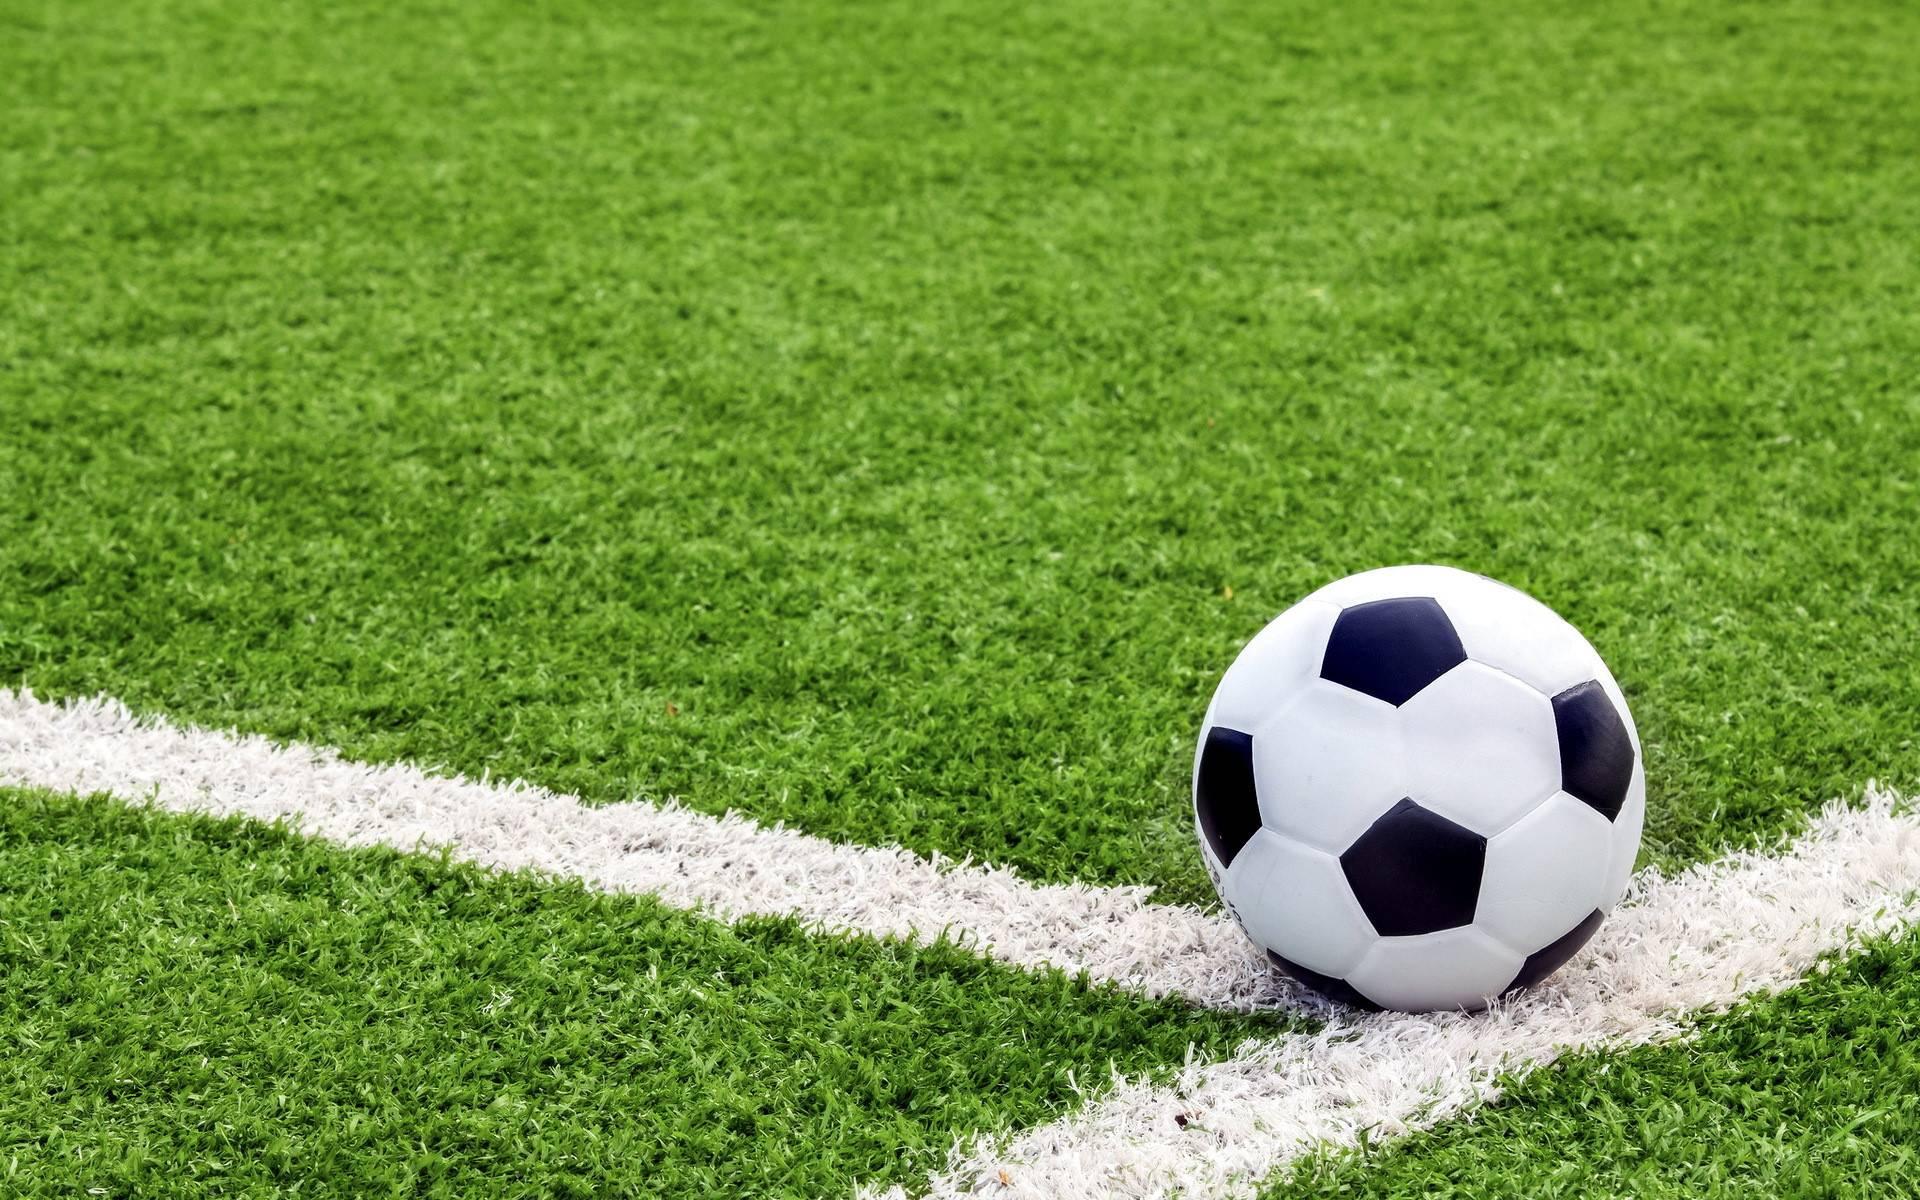 Как делить поля? Николаевские футболисты разрешили наболевший вопрос тренировок